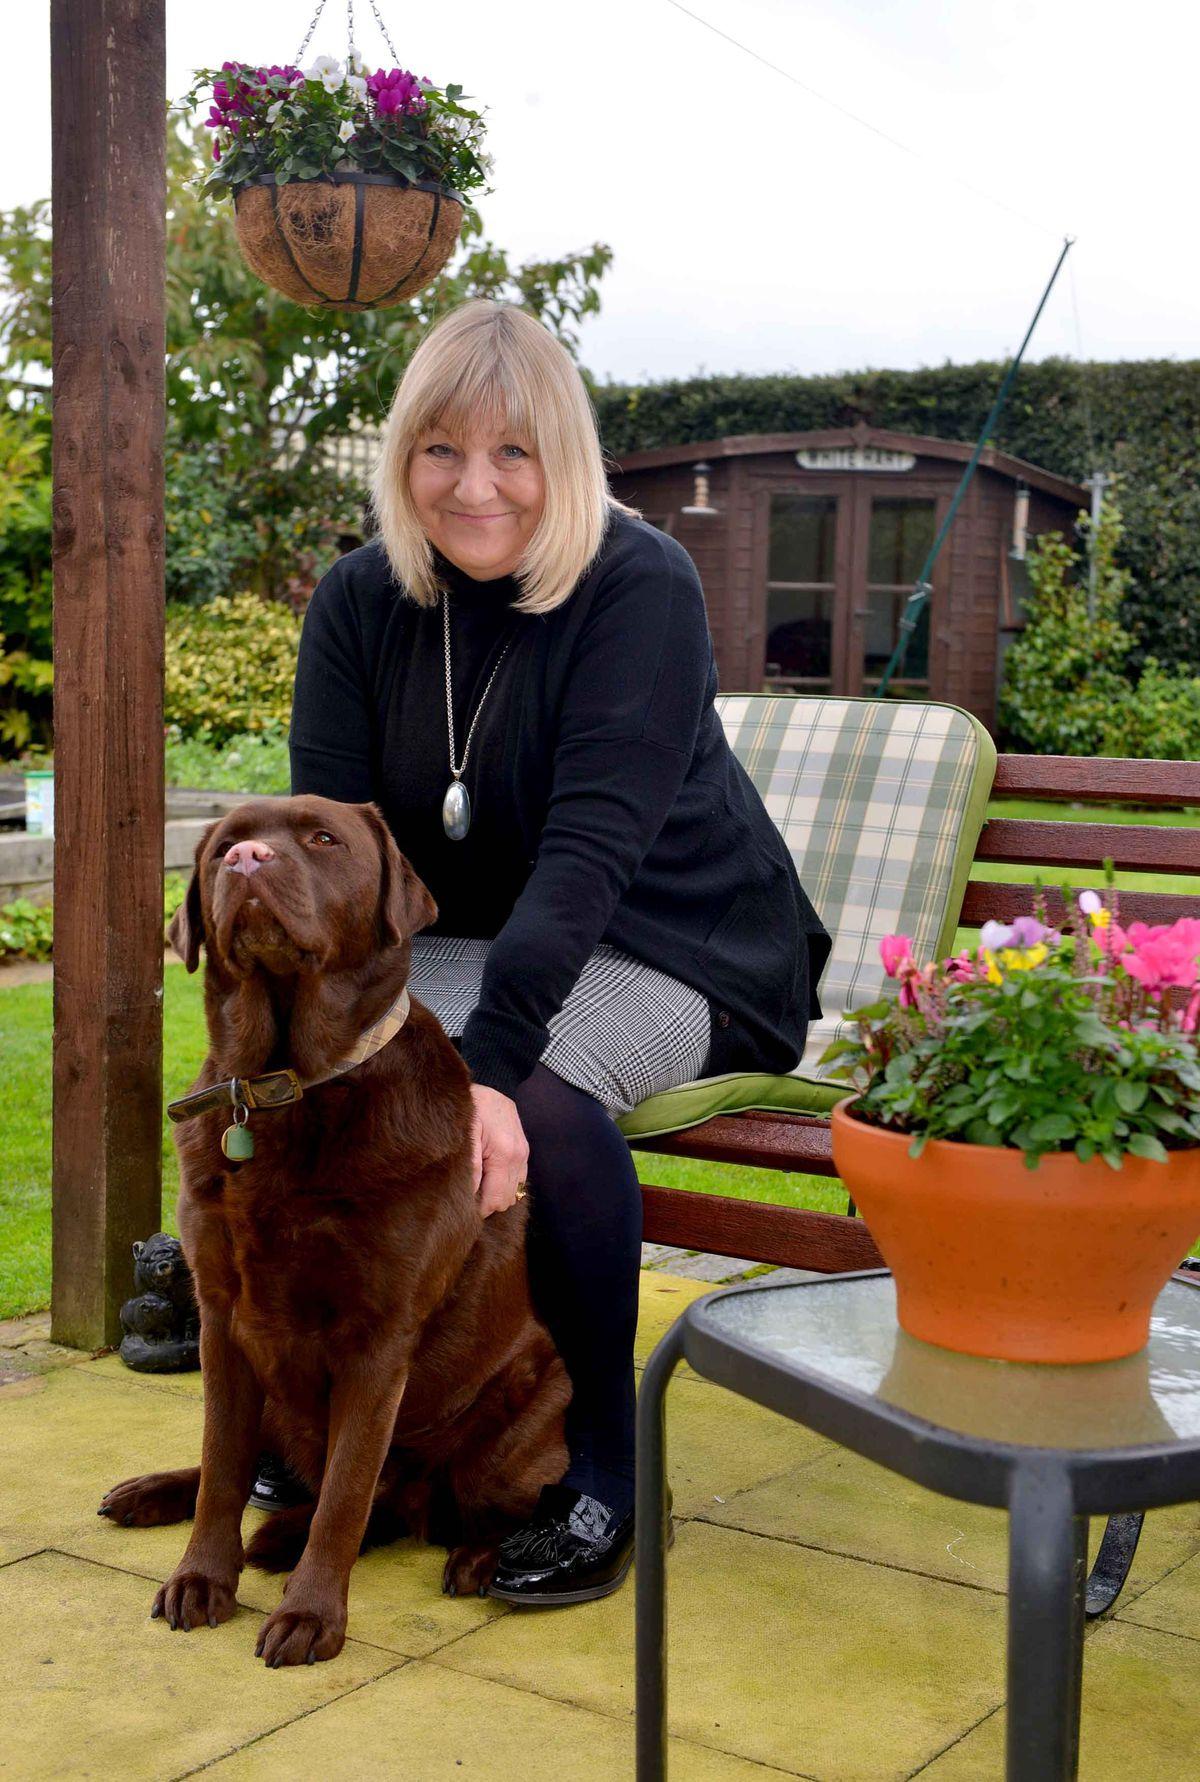 La conseillère Ann Hartley et son chien, Mocha